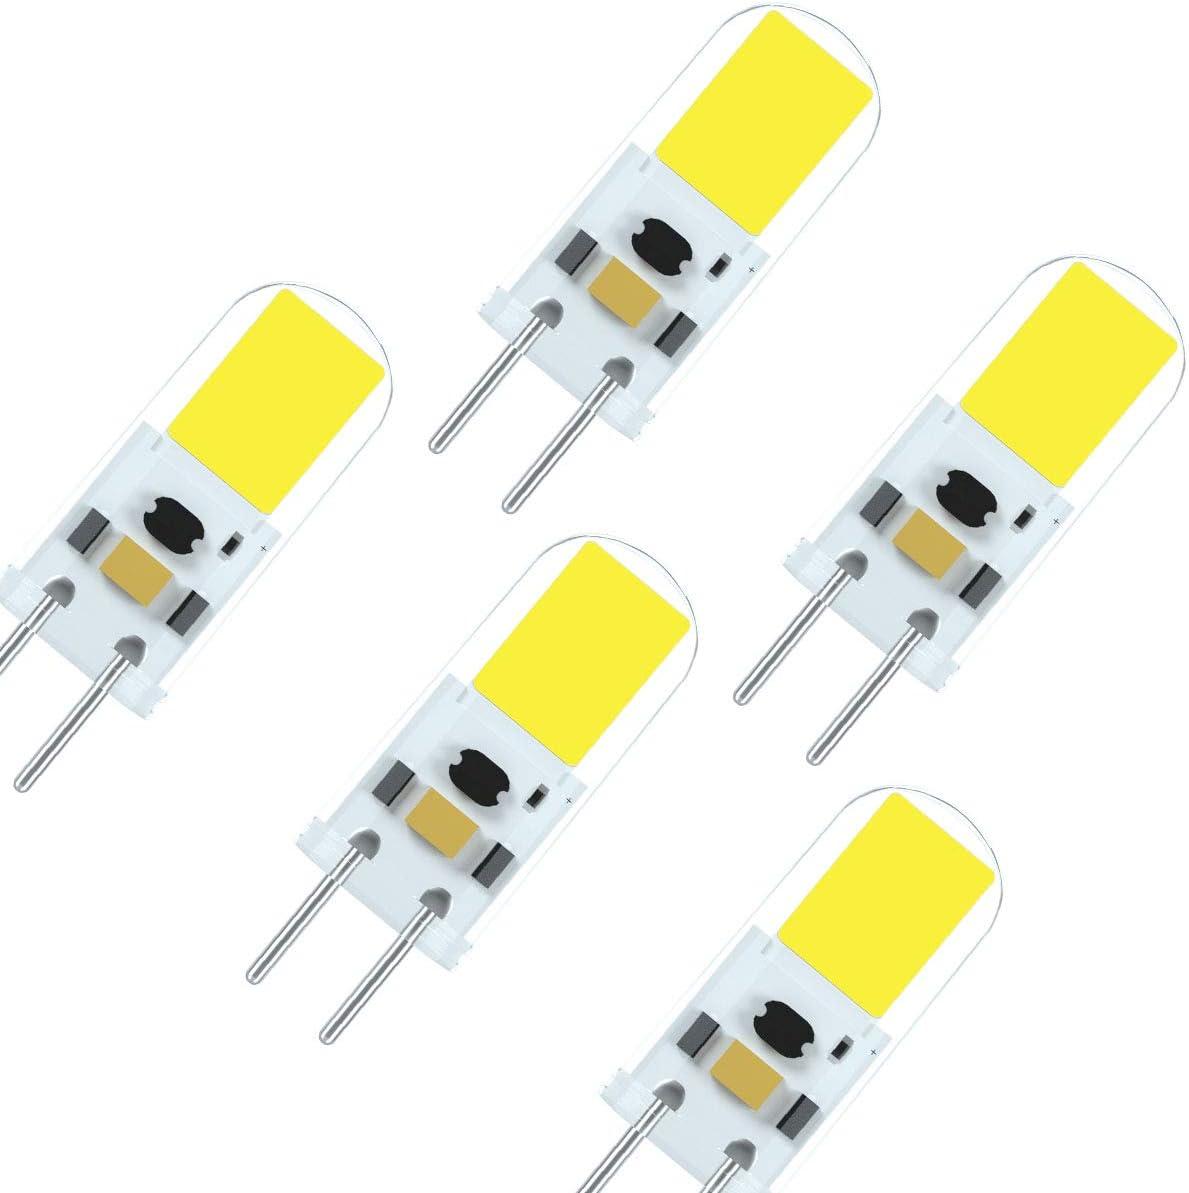 7117 Último G6.35 GY6.35 LED 4W 12V Bombilla Equivalente de Alto Brillo 40 Vatios Lámpara Halógena Blanco Frío 6000K (5 Paquetes)